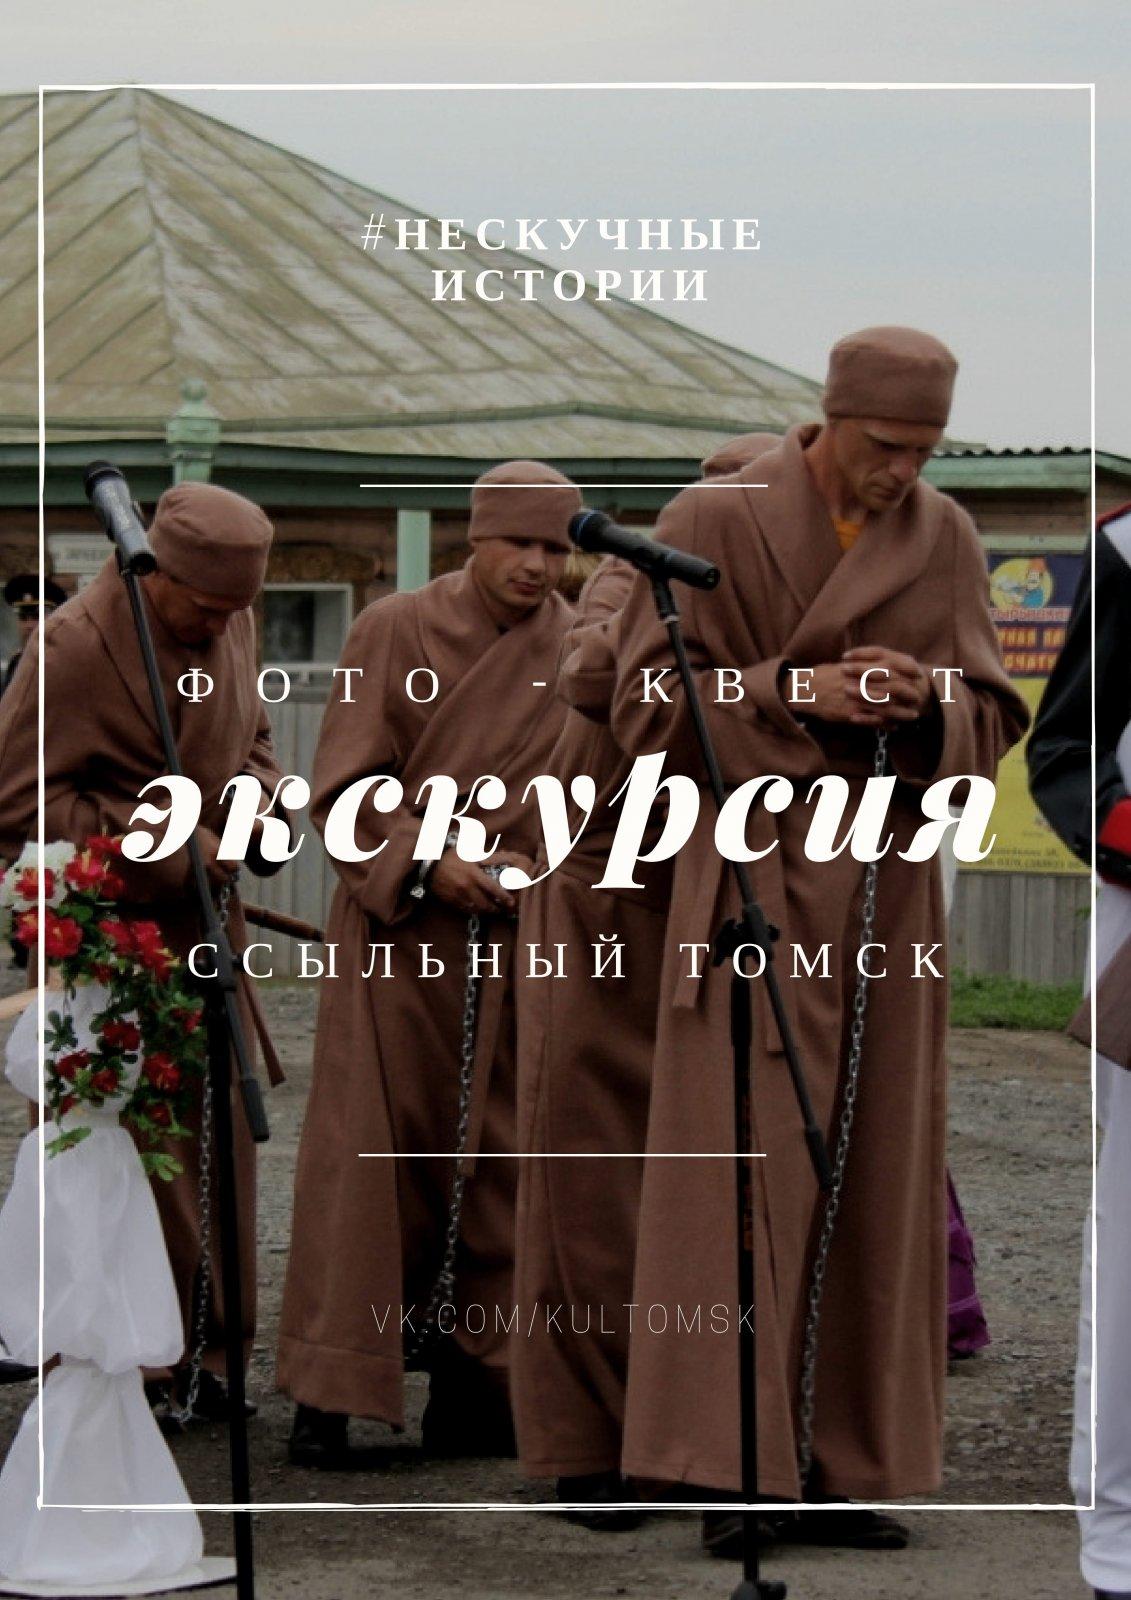 Ссыльные Томска